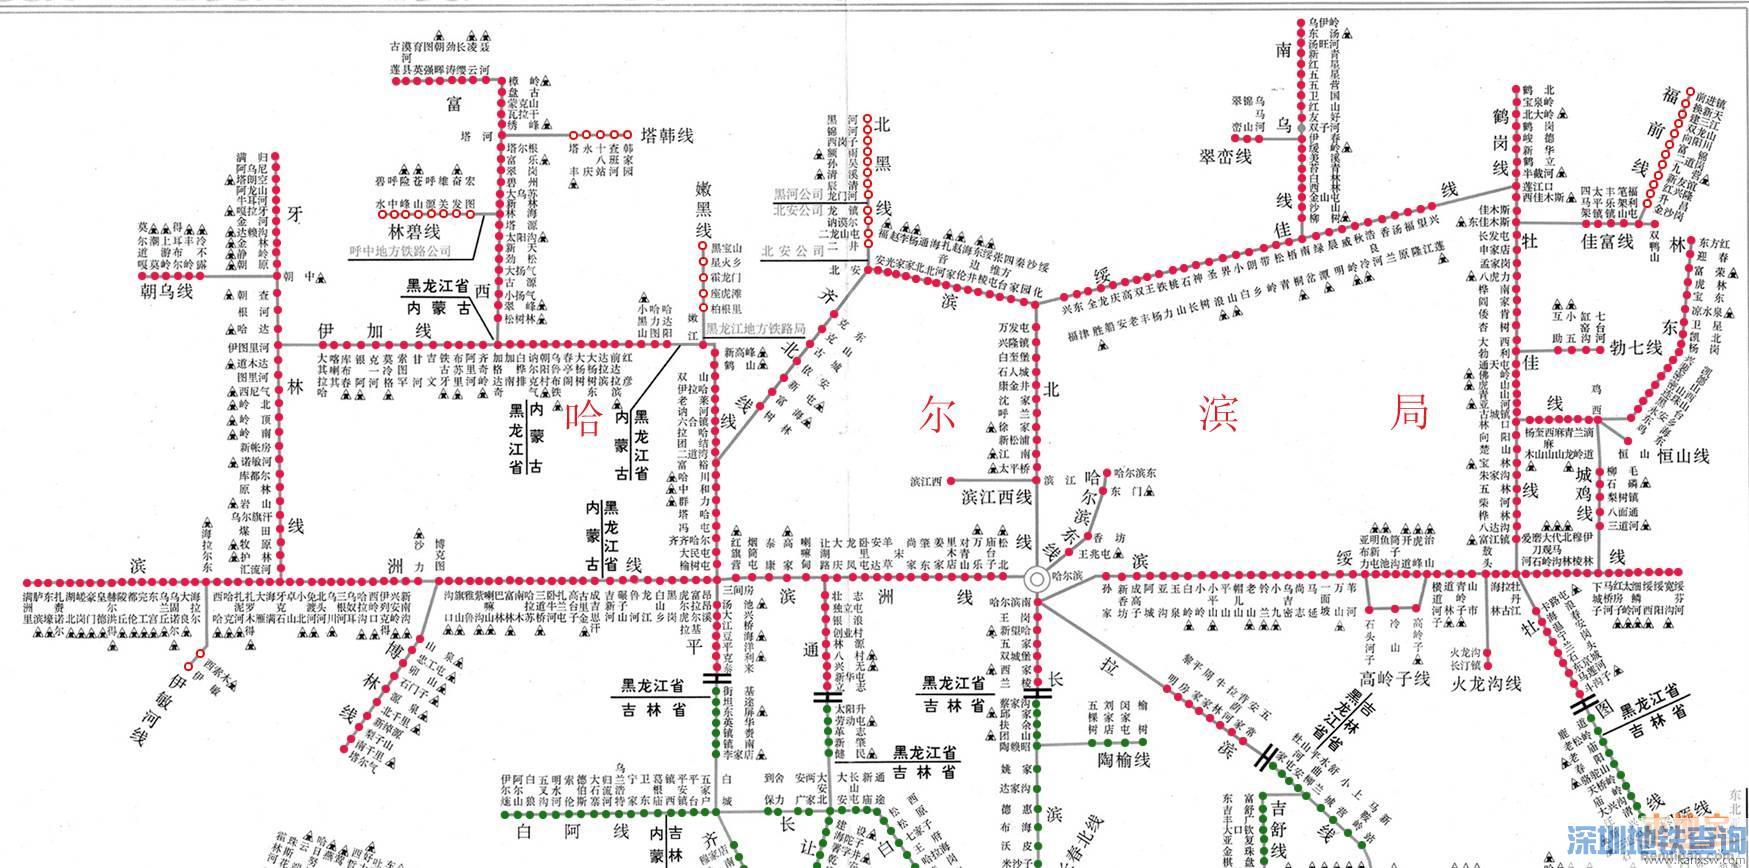 2016哈尔滨铁路局5月调图方案